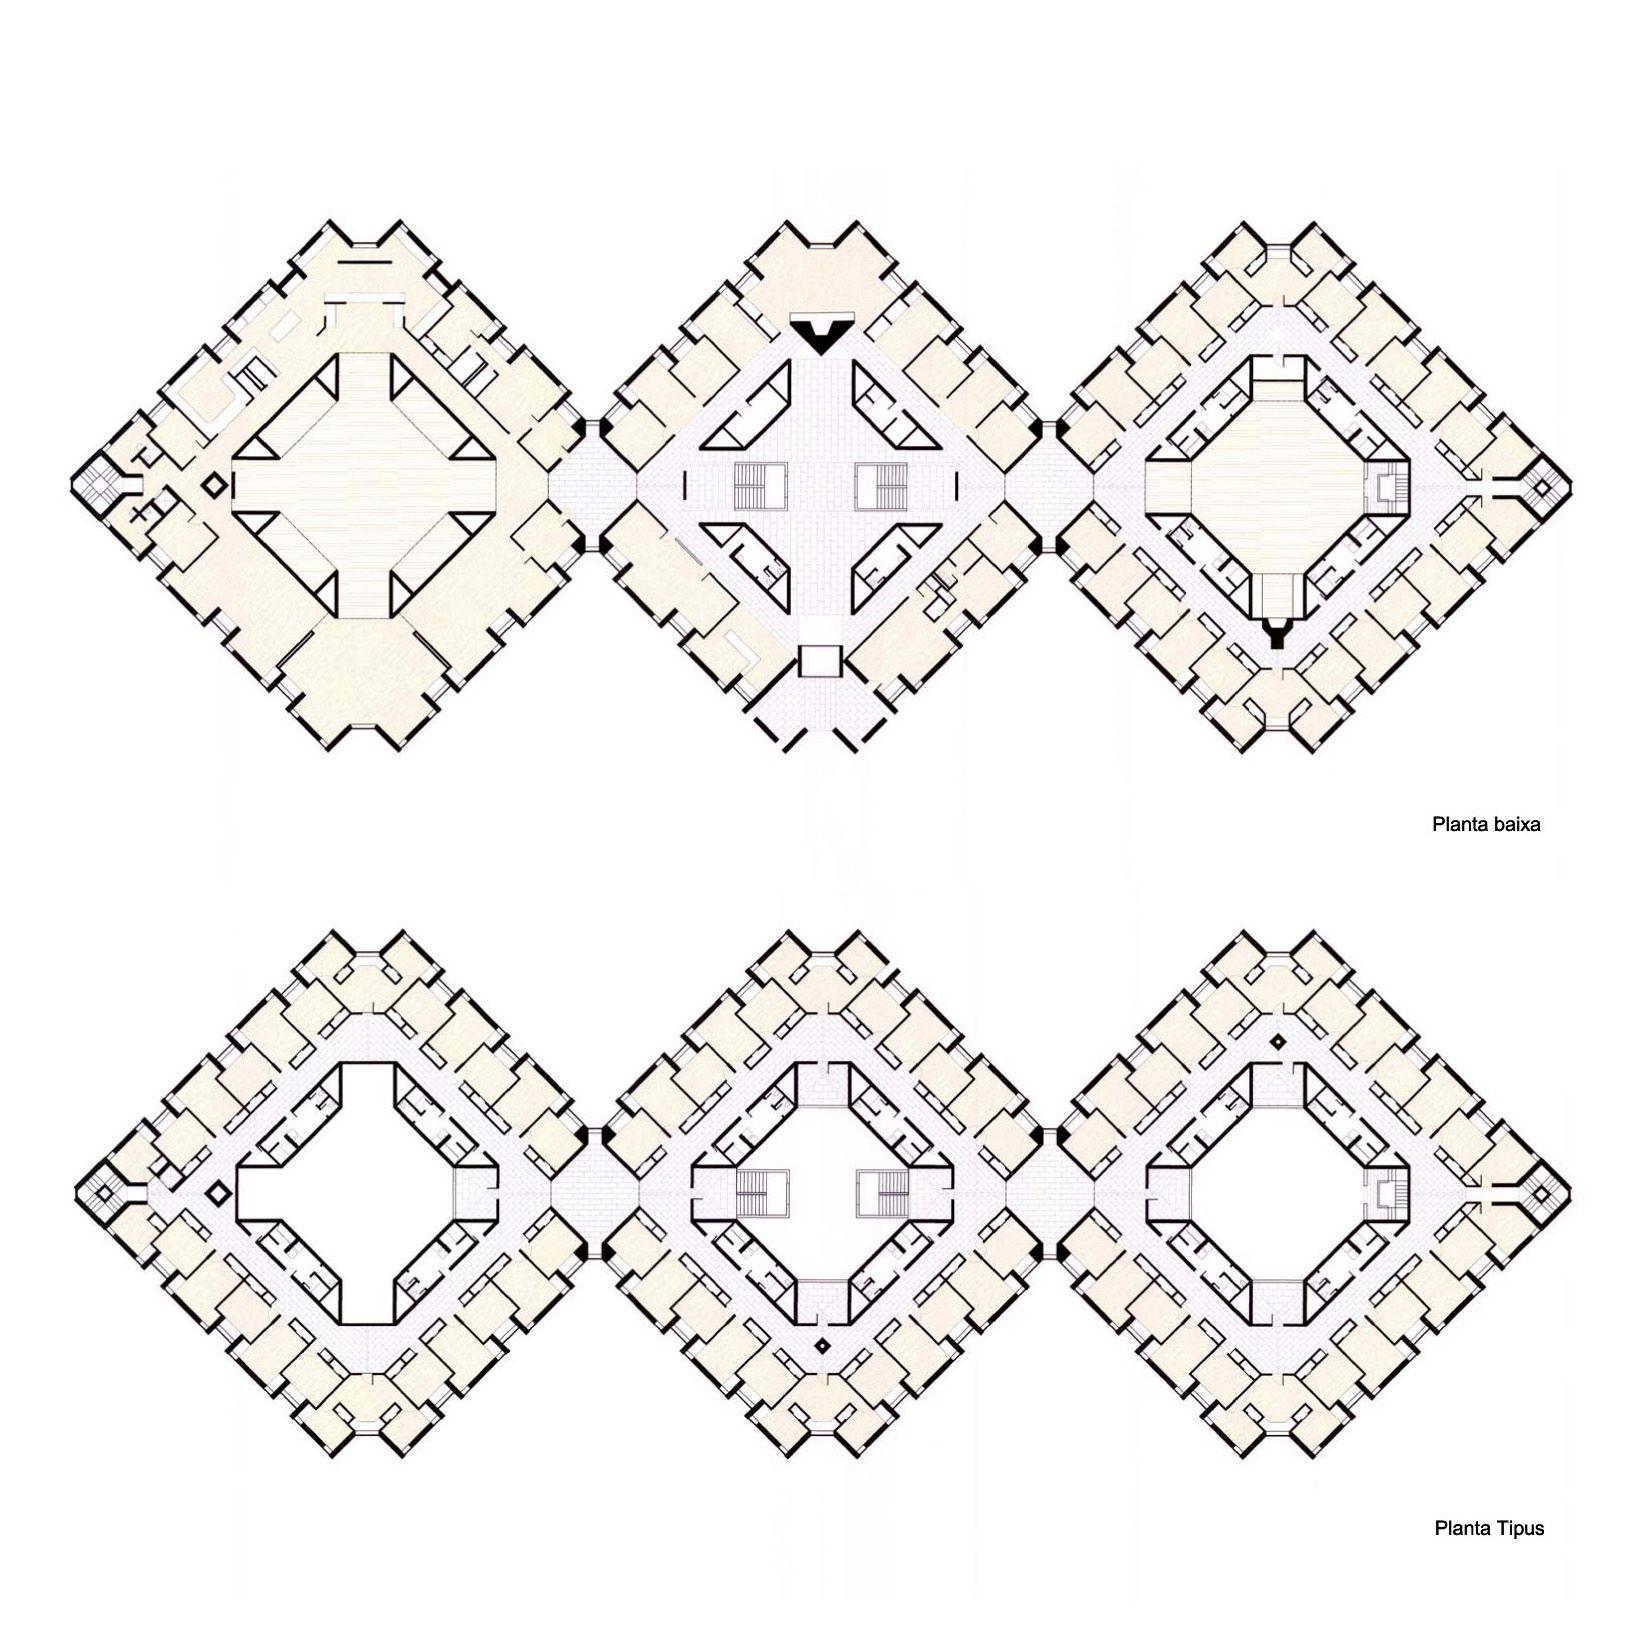 Amazing Louis I. Kahn, Erdman Hall (Bryn Mawr, PA: 1960 65